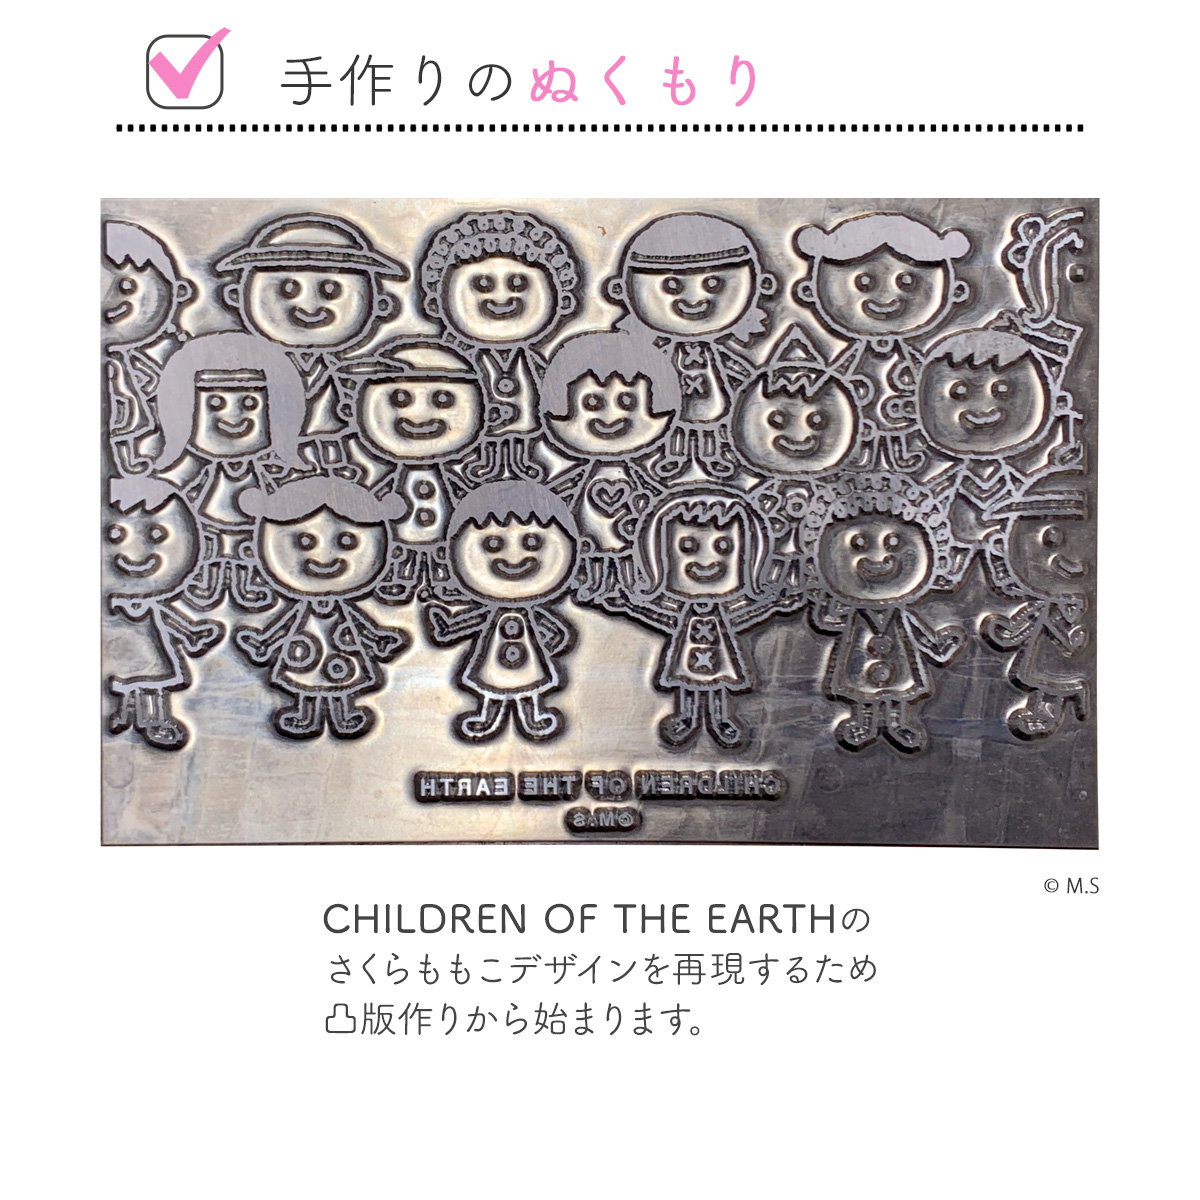 さくらももこデザイン 地球の子供たち スクラップブック